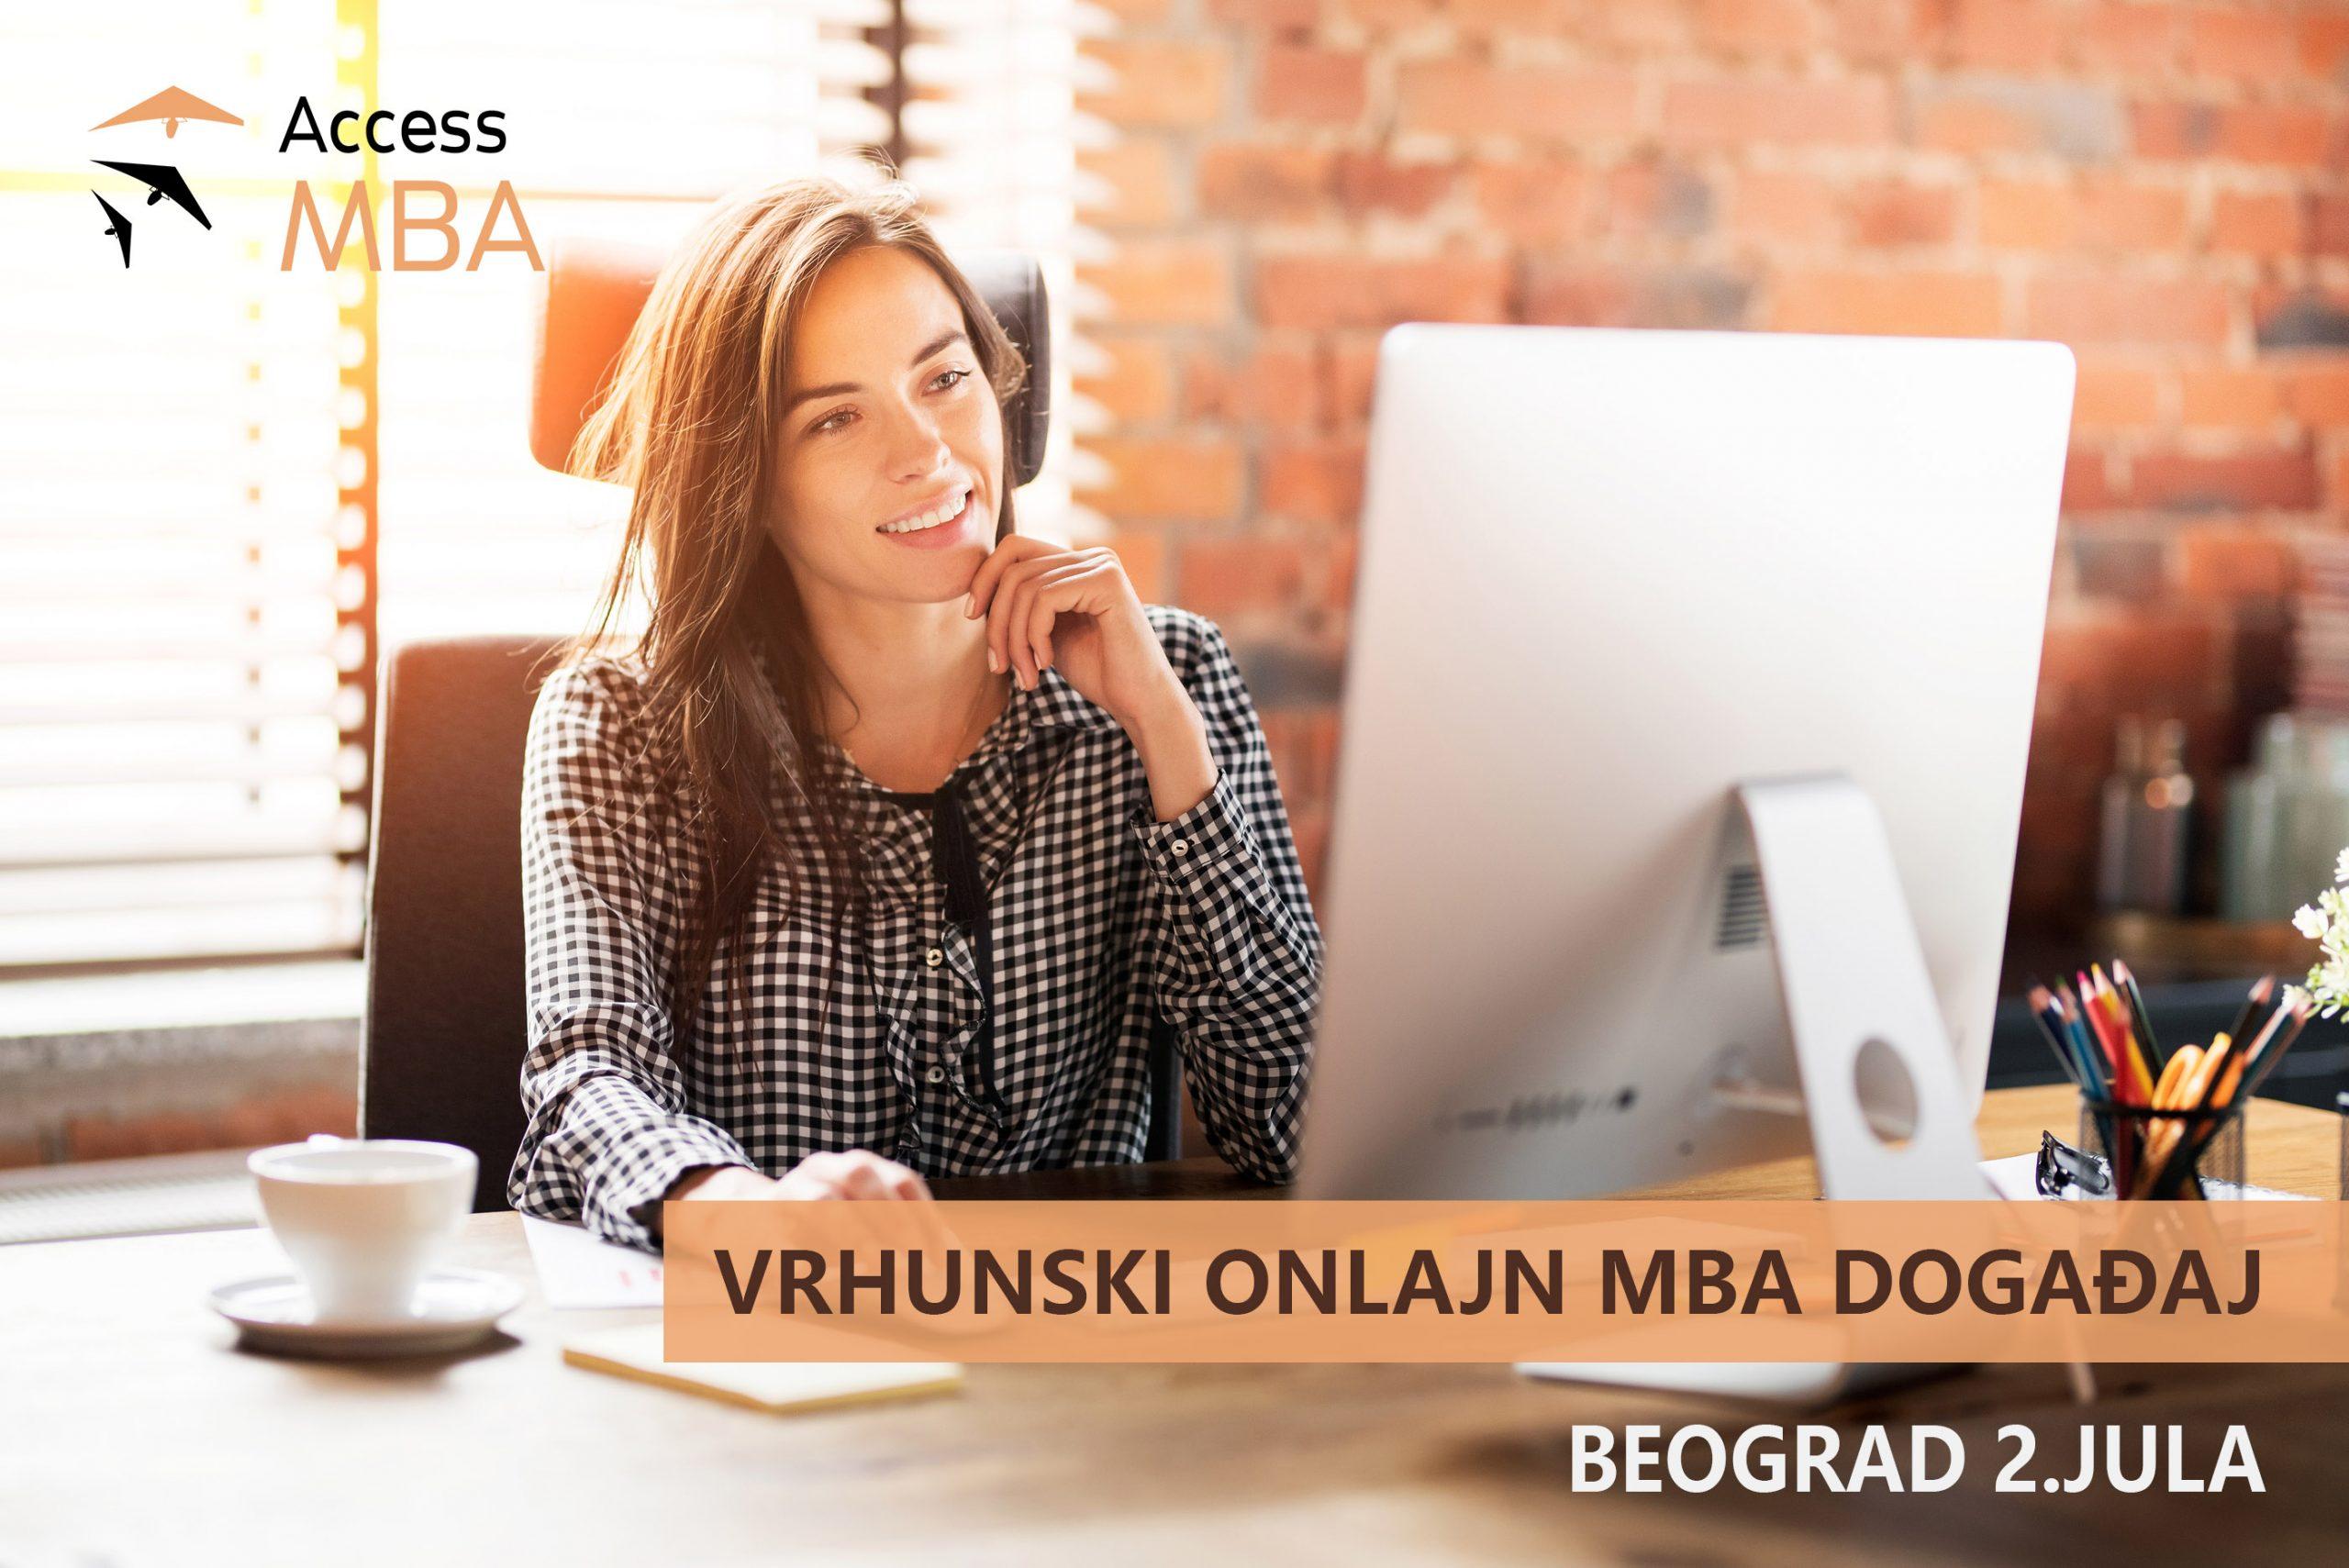 Access MBA upoznavanje sa univerzitetima studije u inostranstvu